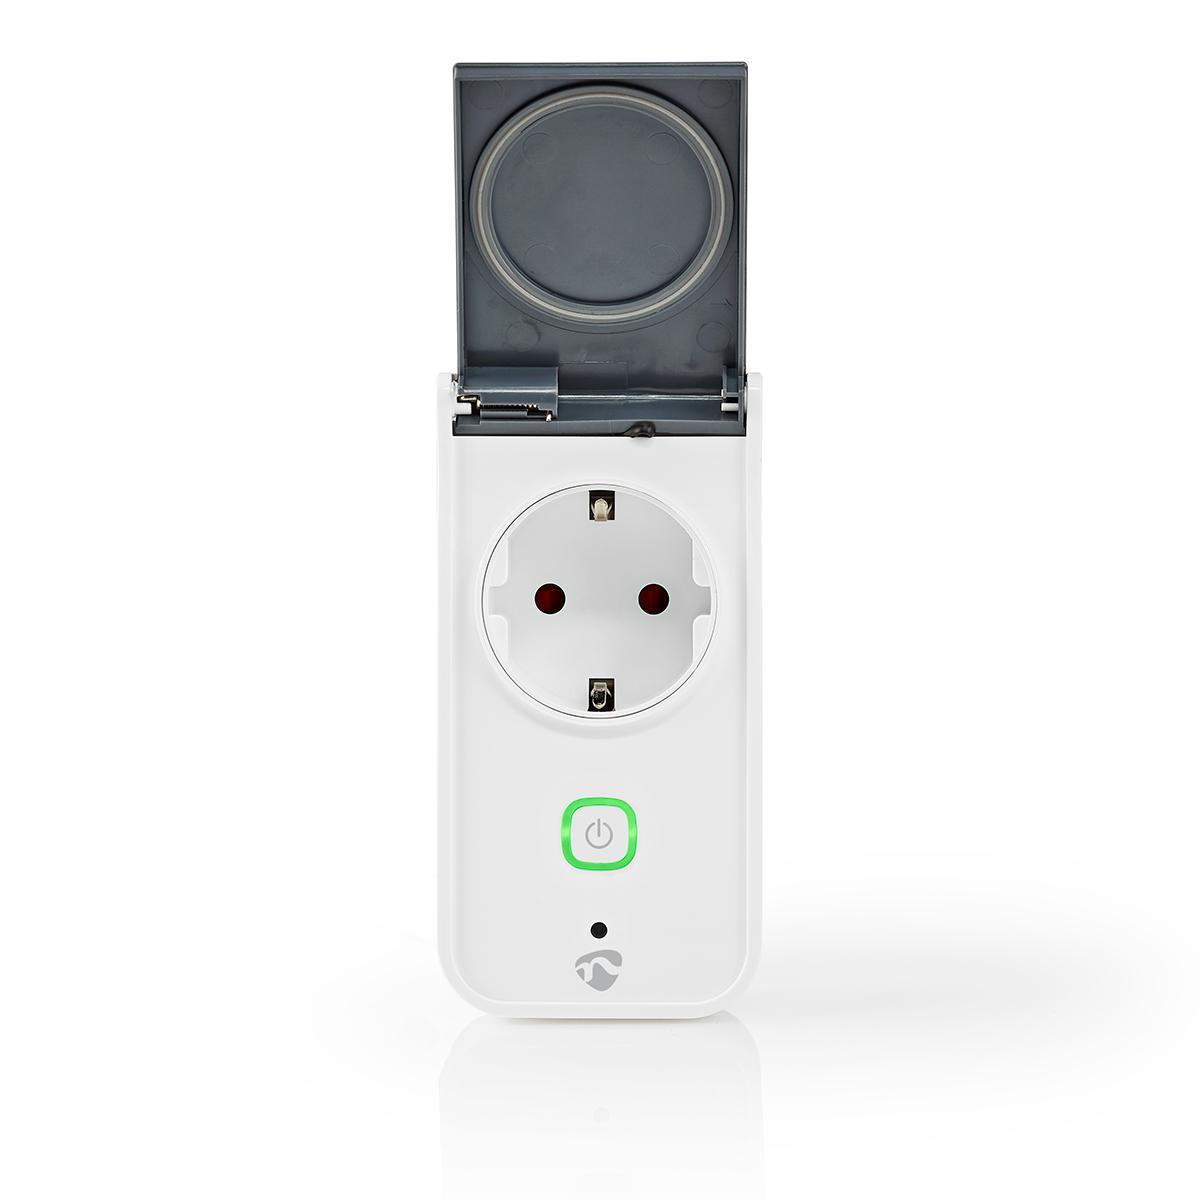 Slimme stekker voor buiten Wi-Fi IP44 spatwaterdicht - klepje stopcontact open